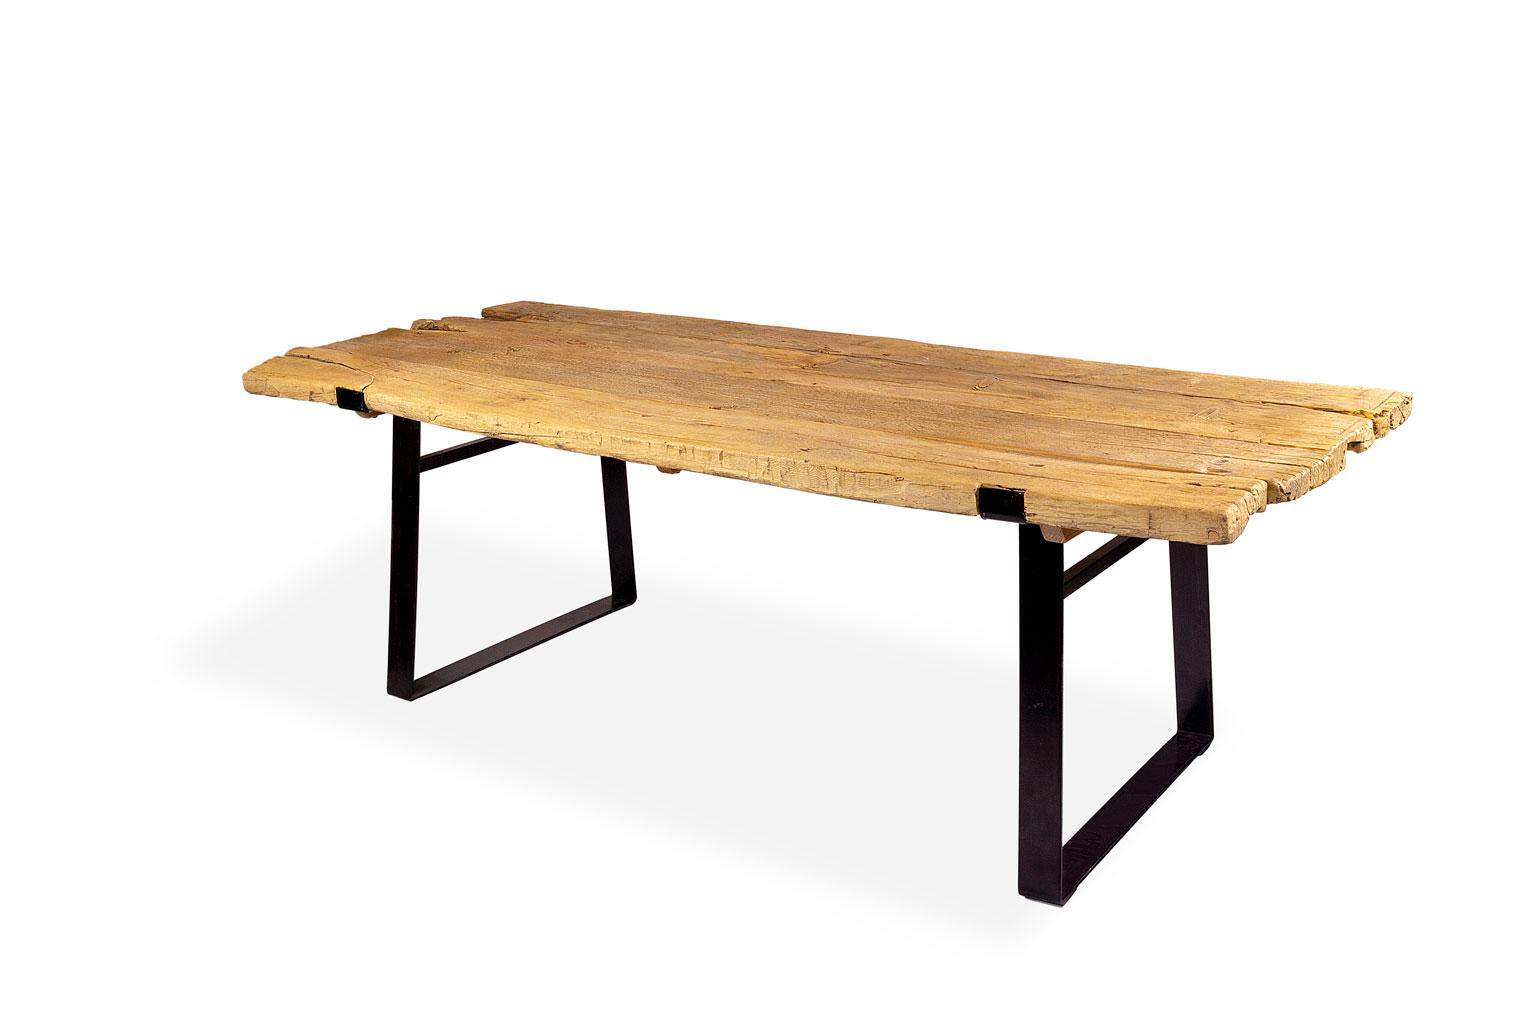 Mesa comedor madera rústica - Dec Condisenño